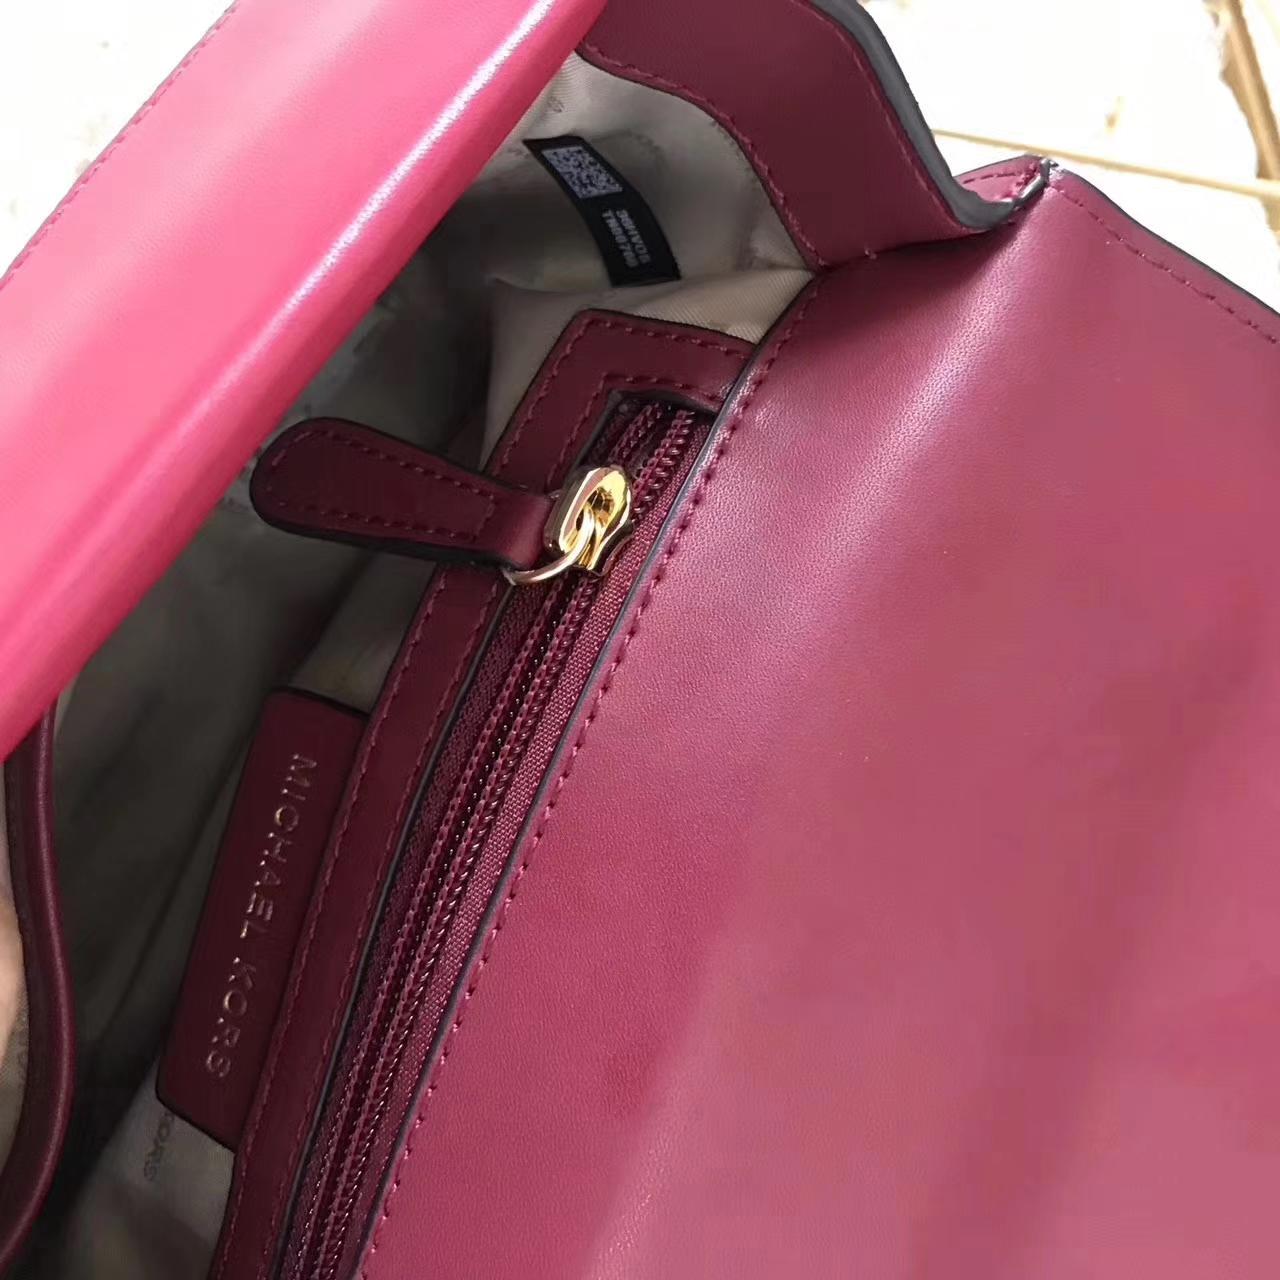 厂家直销 MK新款包包迈克科尔斯酒红色进口纳帕牛皮信封包手提单肩包24cm